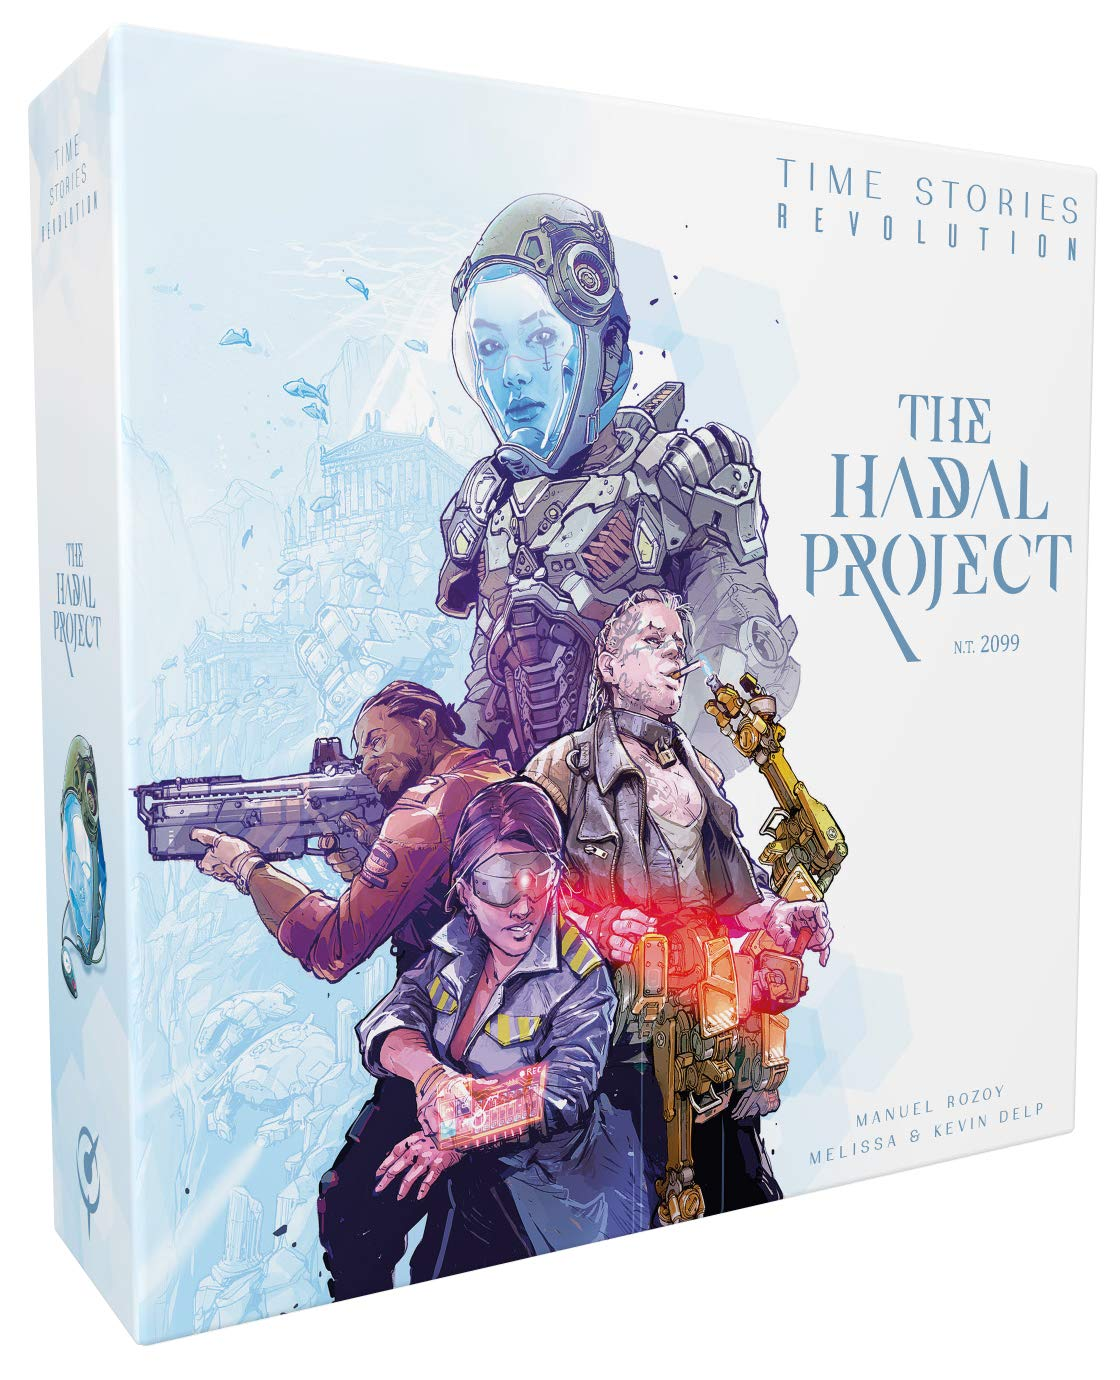 太空牛仔 ASMSCTS11EN TIME 故事革命:Hadal Project,混合颜色